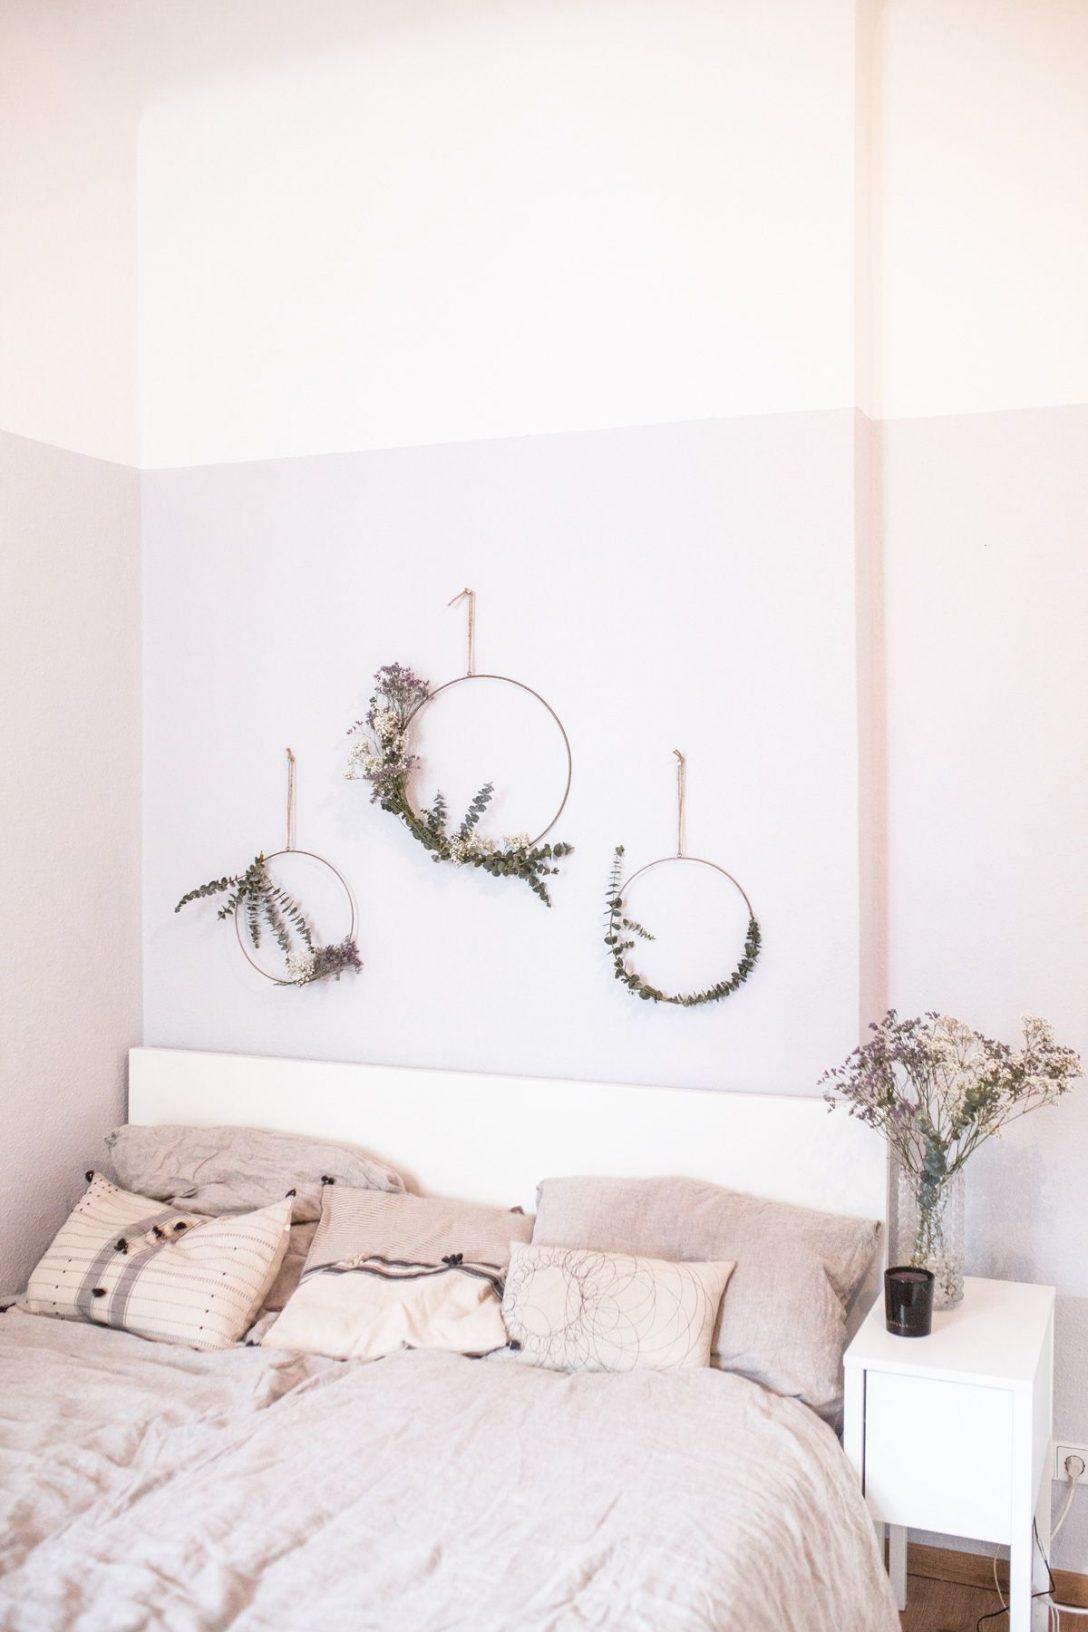 Large Size of Dekoration Schlafzimmer Diy Eukalyptus Kranz Wanddeko Ideen Günstige Rauch Deckenlampe Landhausstil Romantische Fototapete Deckenleuchten Tapeten Komplett Wohnzimmer Dekoration Schlafzimmer